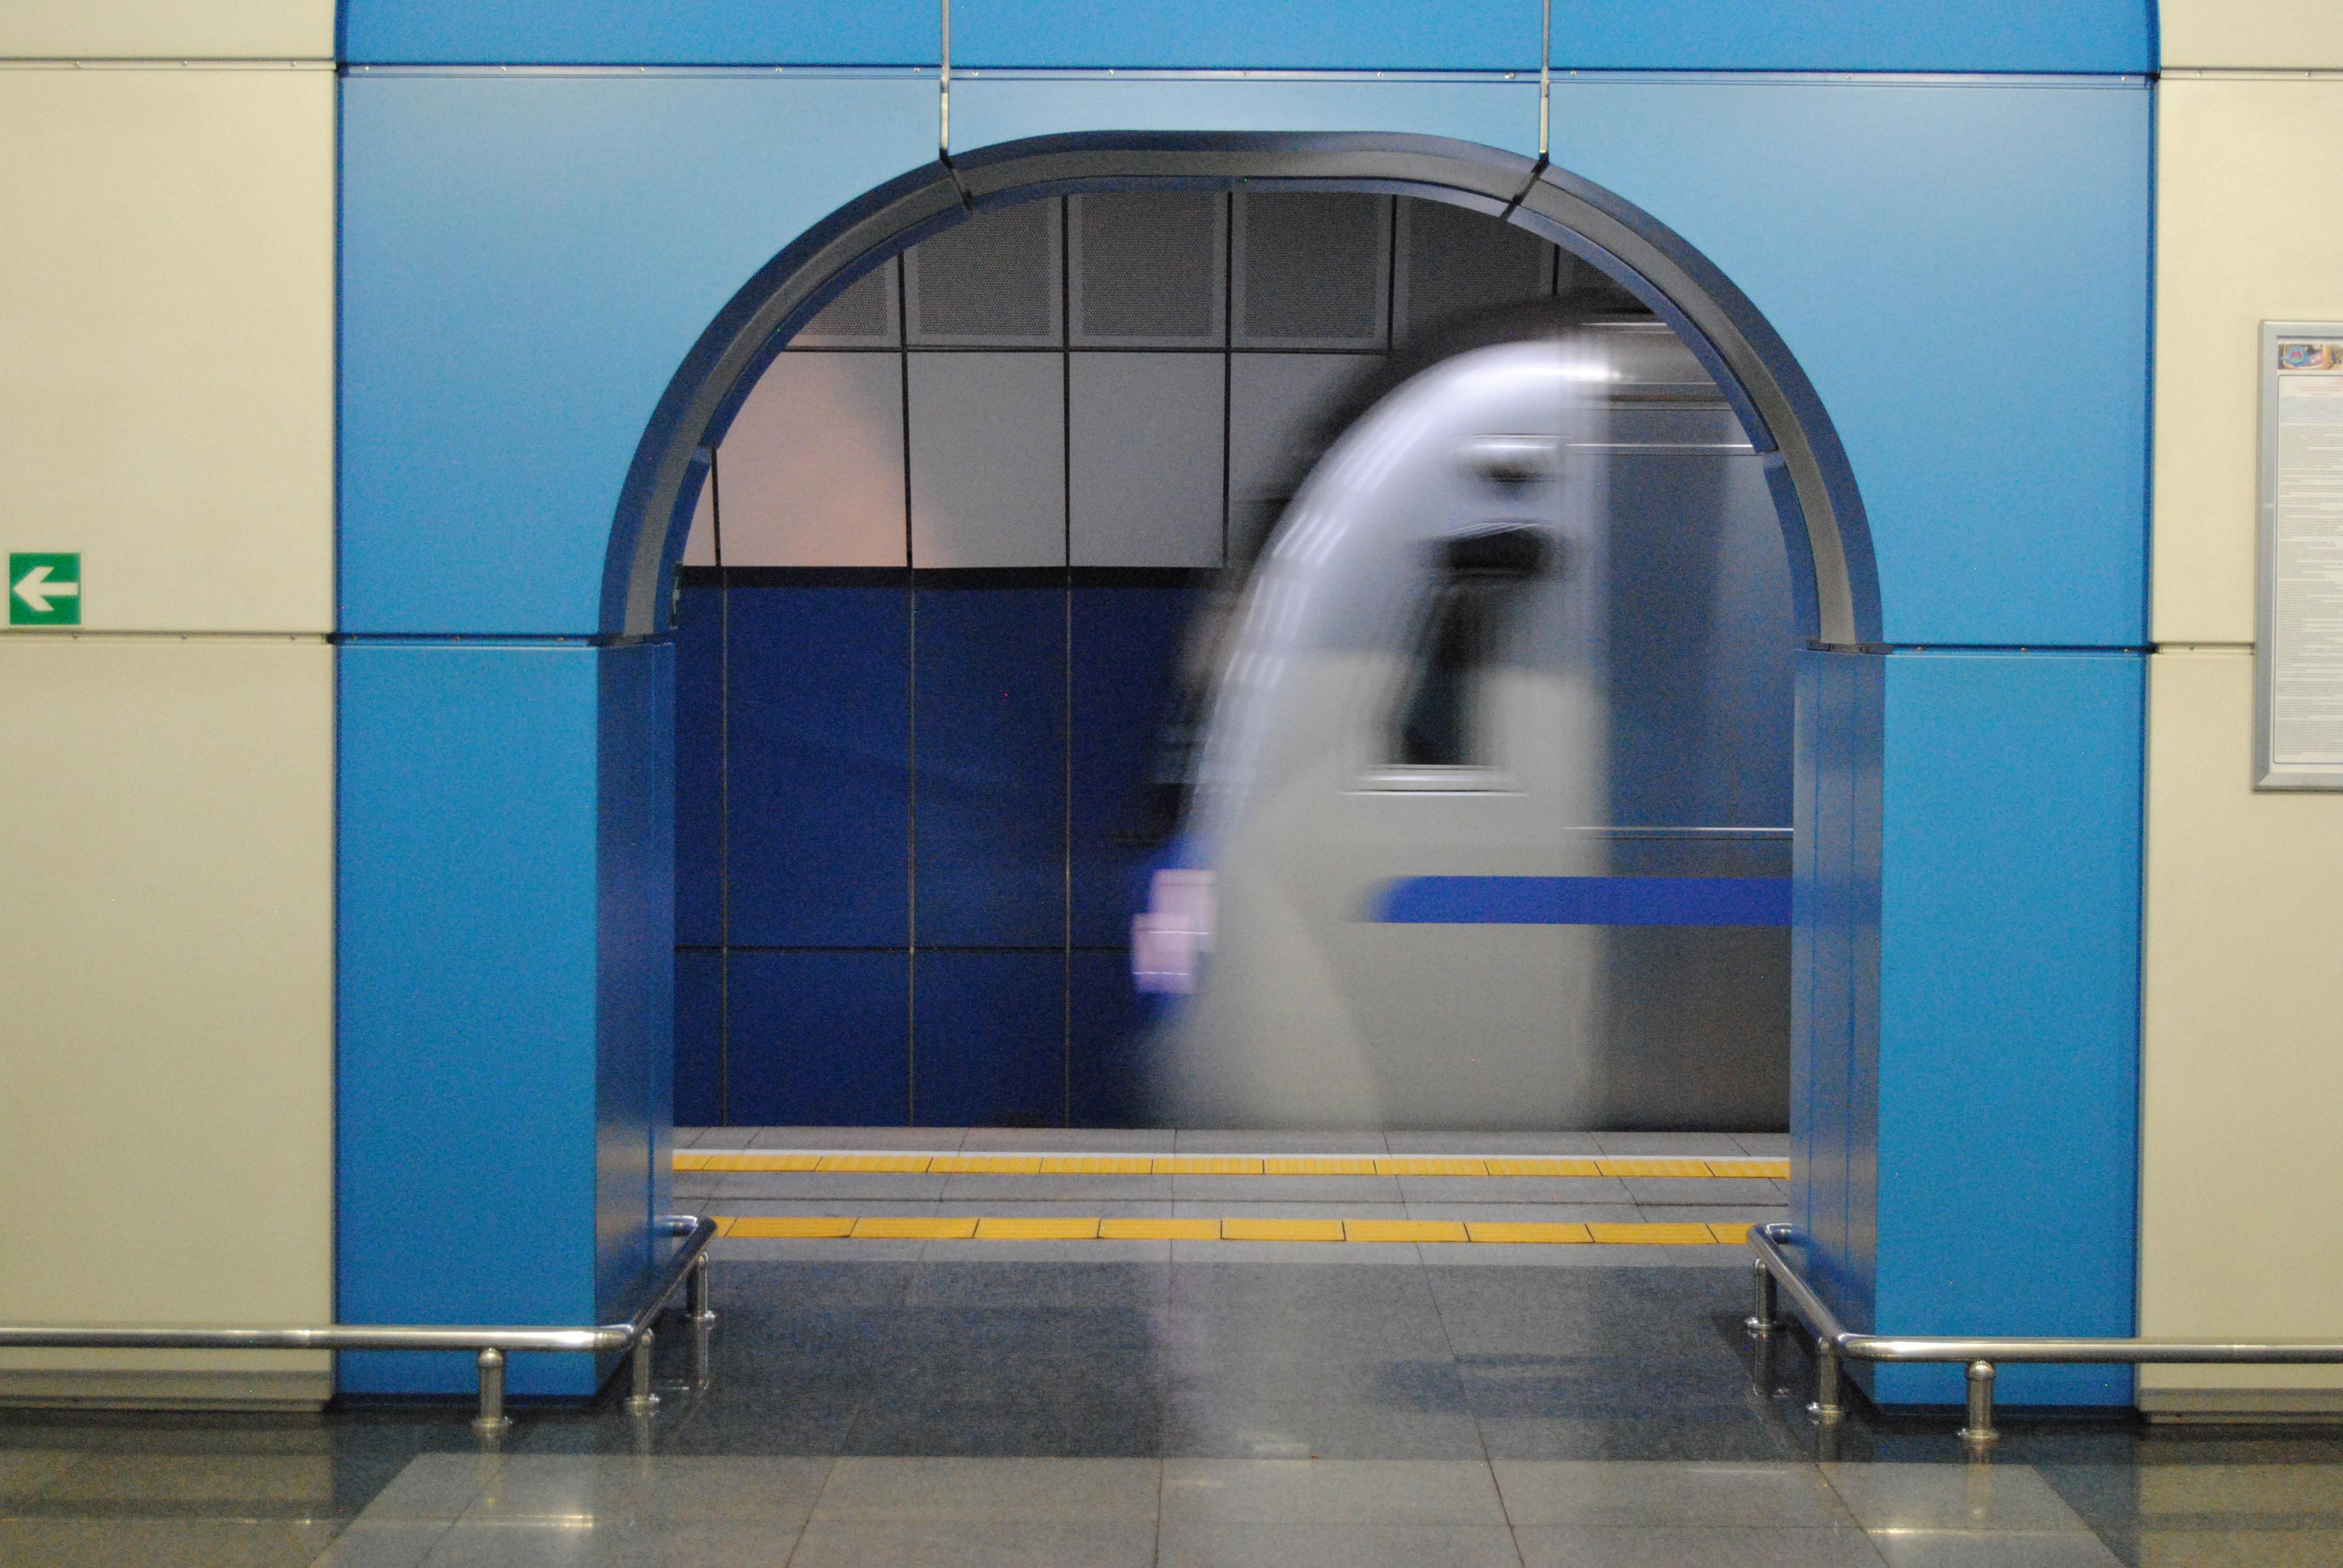 Metro de Almaty, Kazajistán